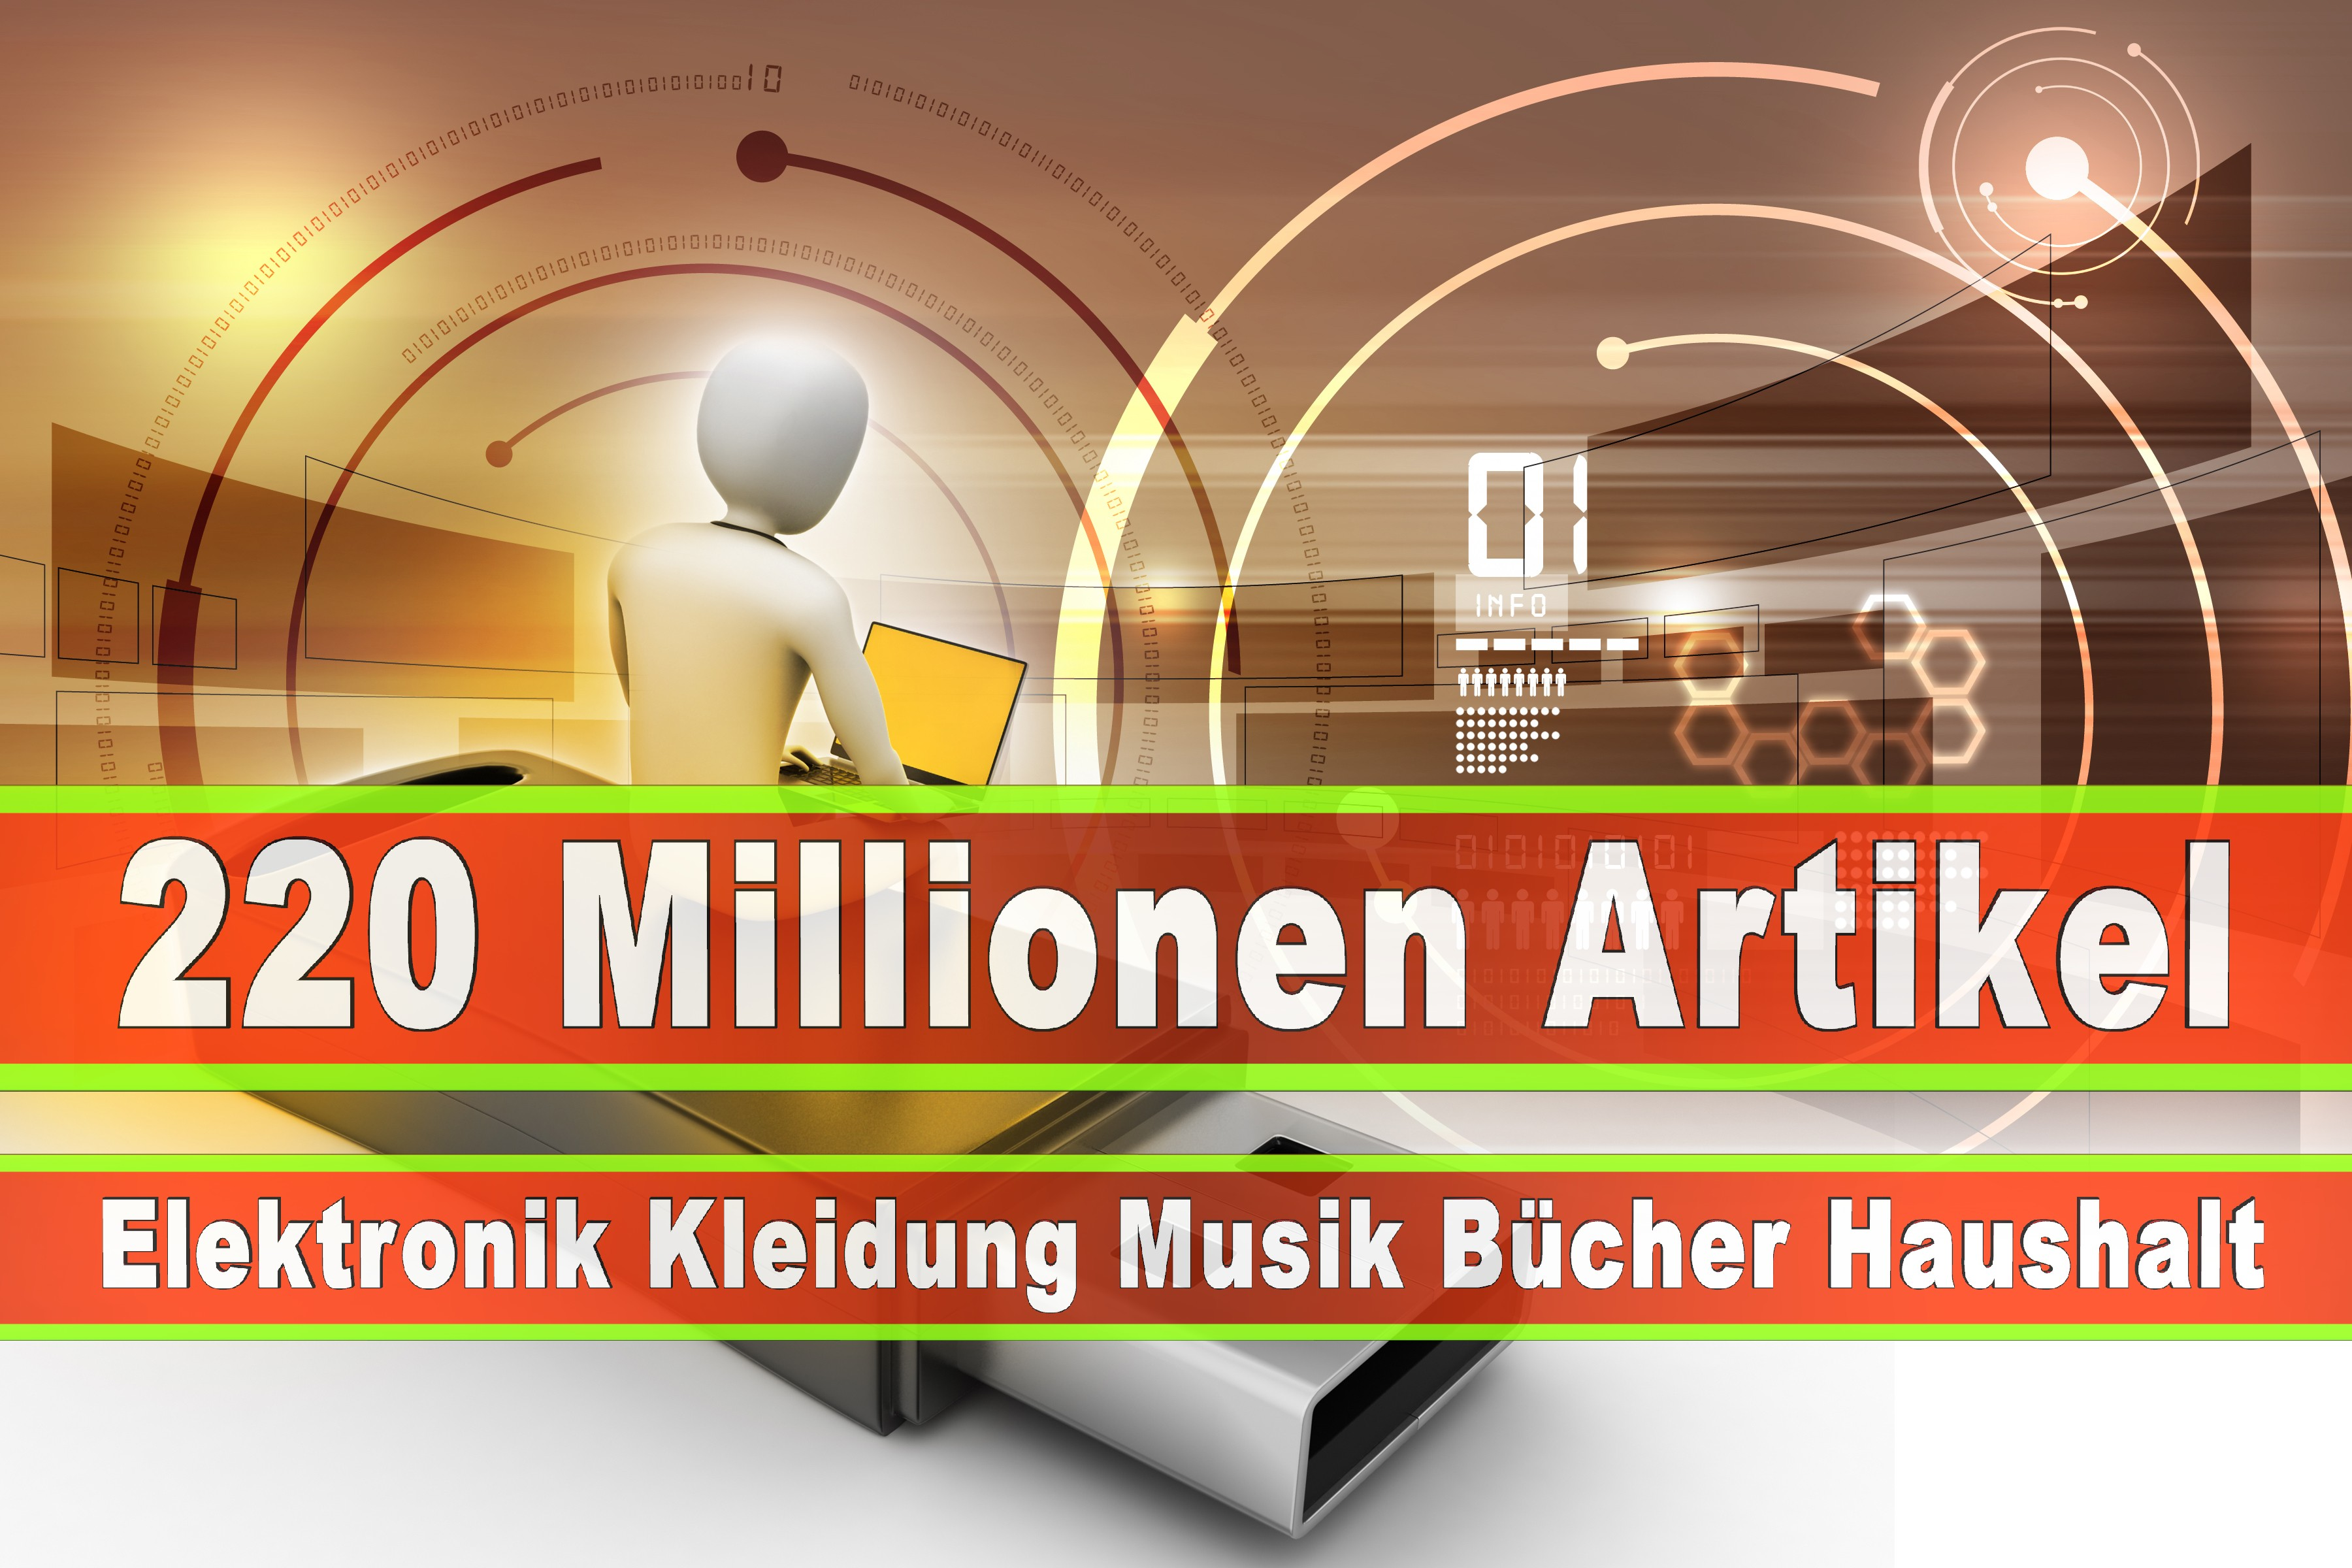 Amazon Elektronik Musik Haushalt Bücher CD DVD Handys Smartphones TV Television Fernseher Kleidung Mode Ebay (74)